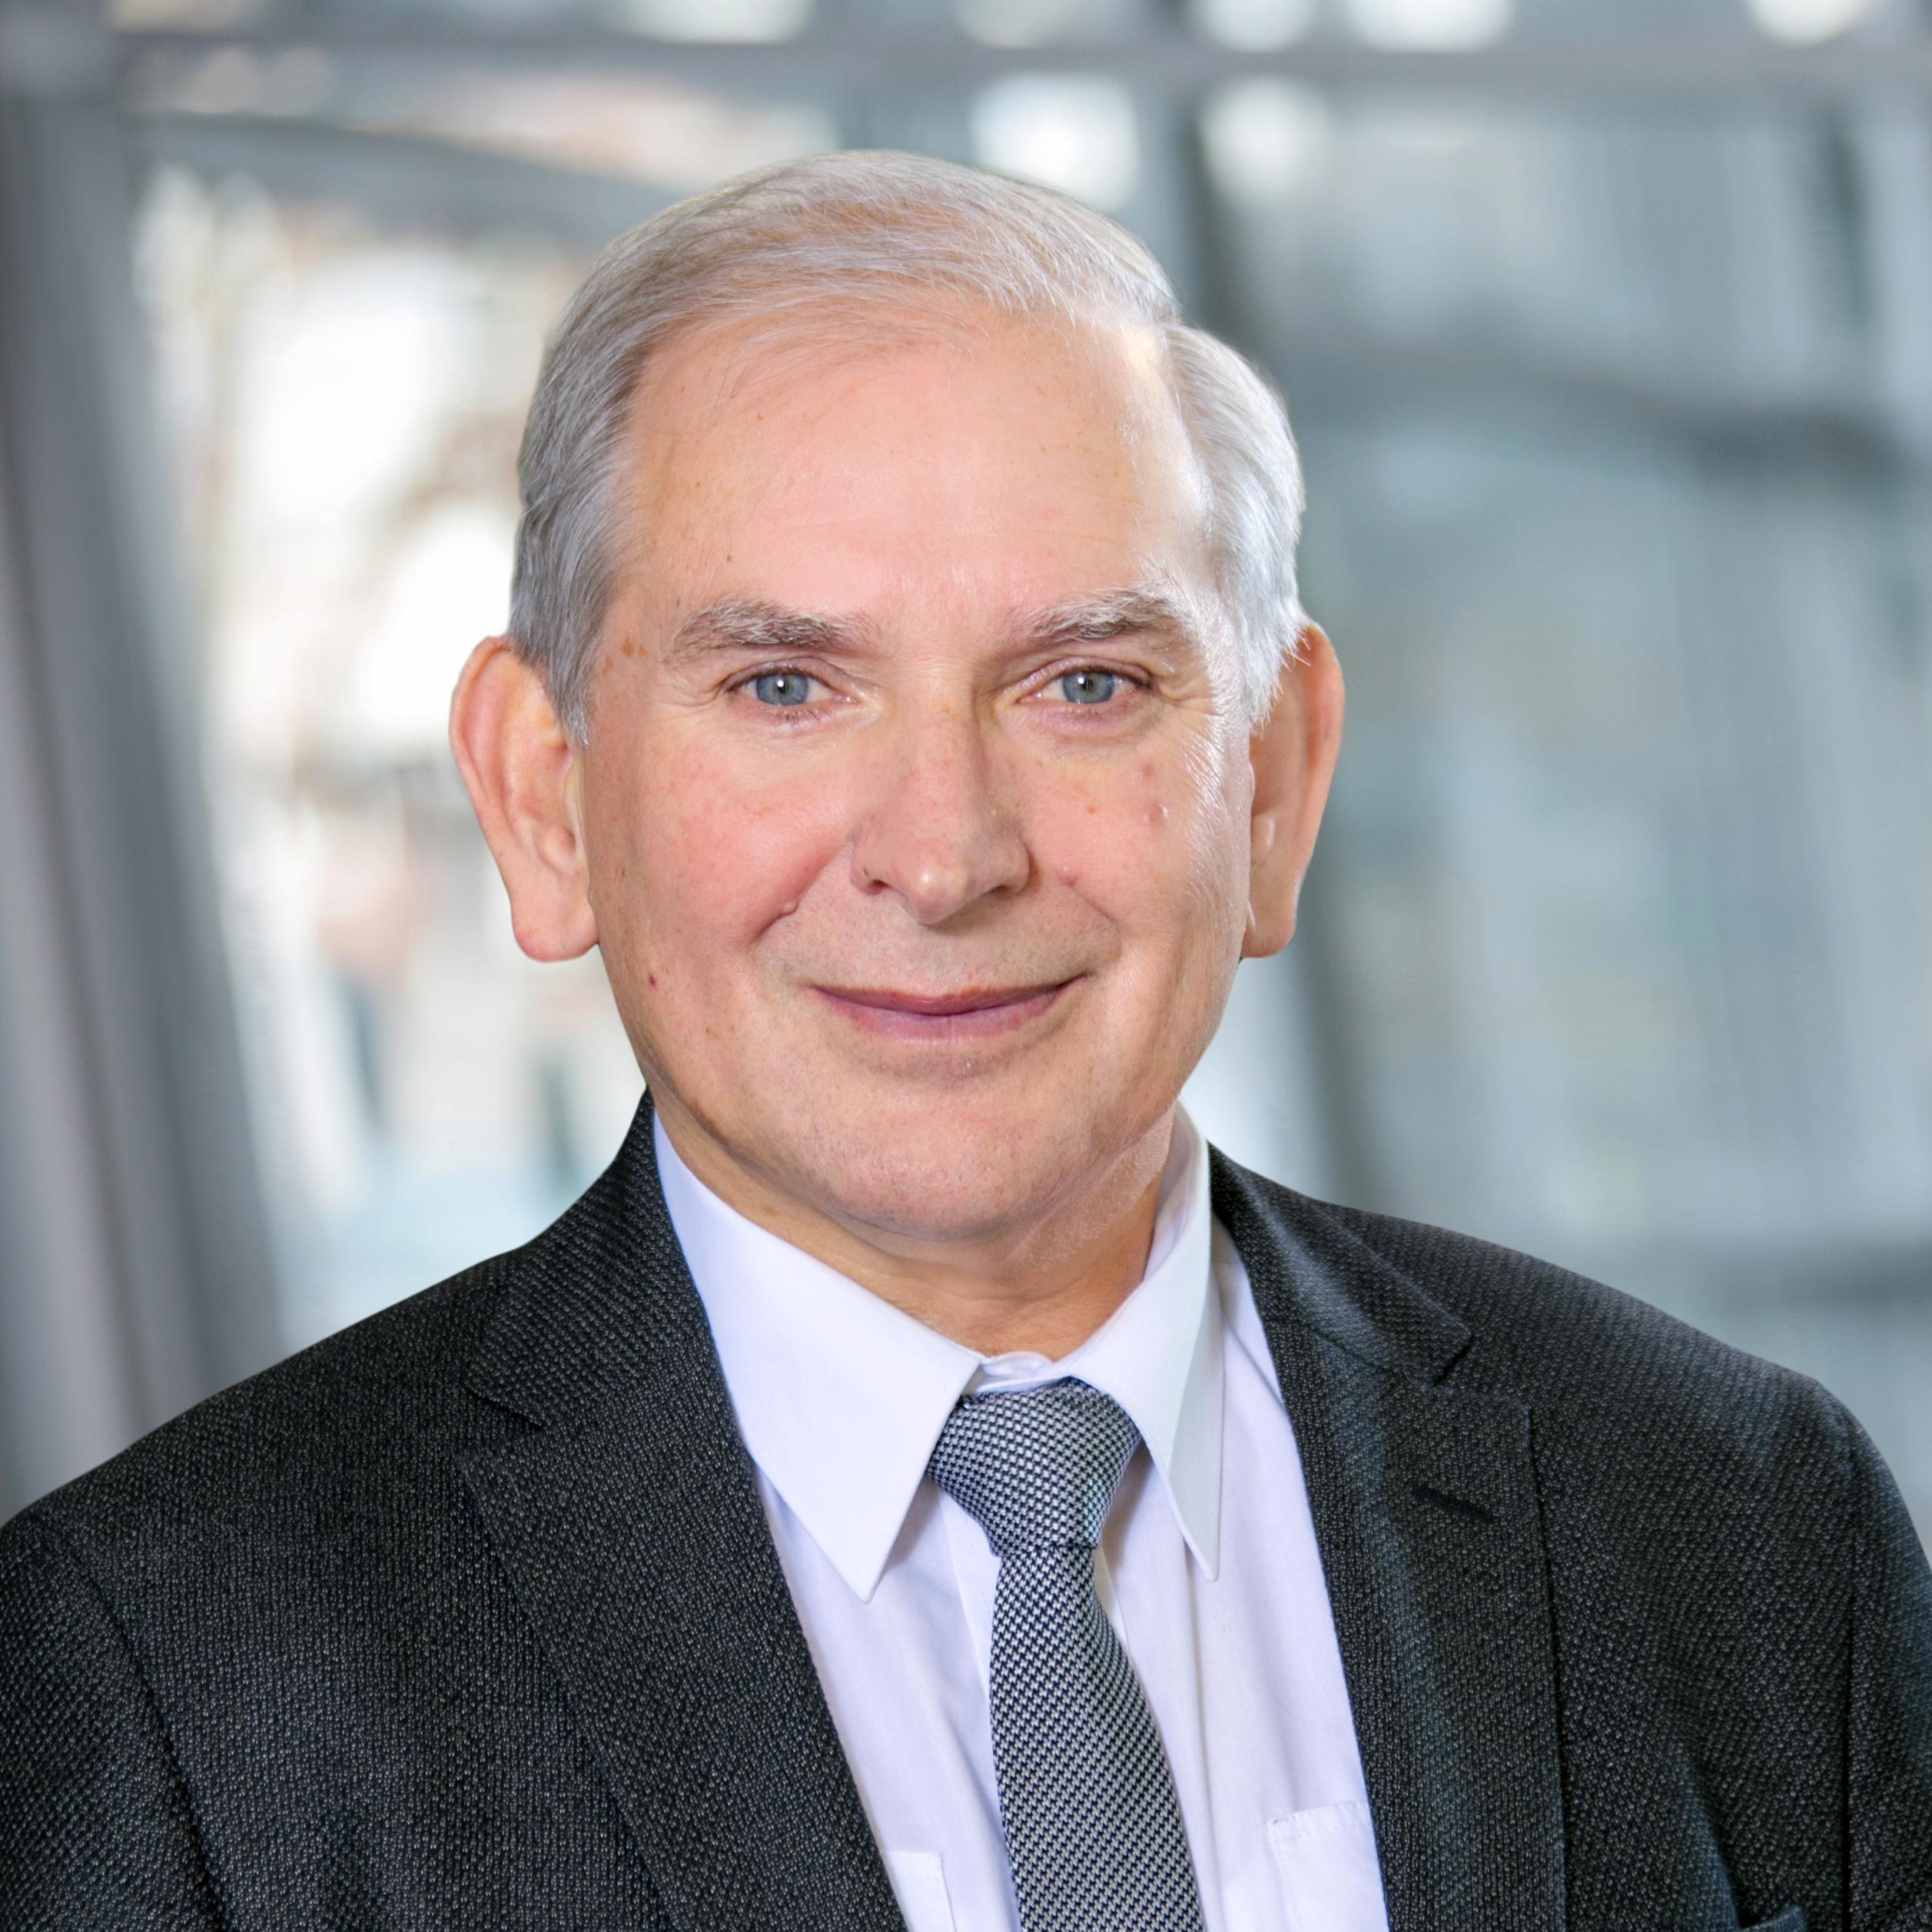 Dipl.-Ing. Hartmut Herrmann